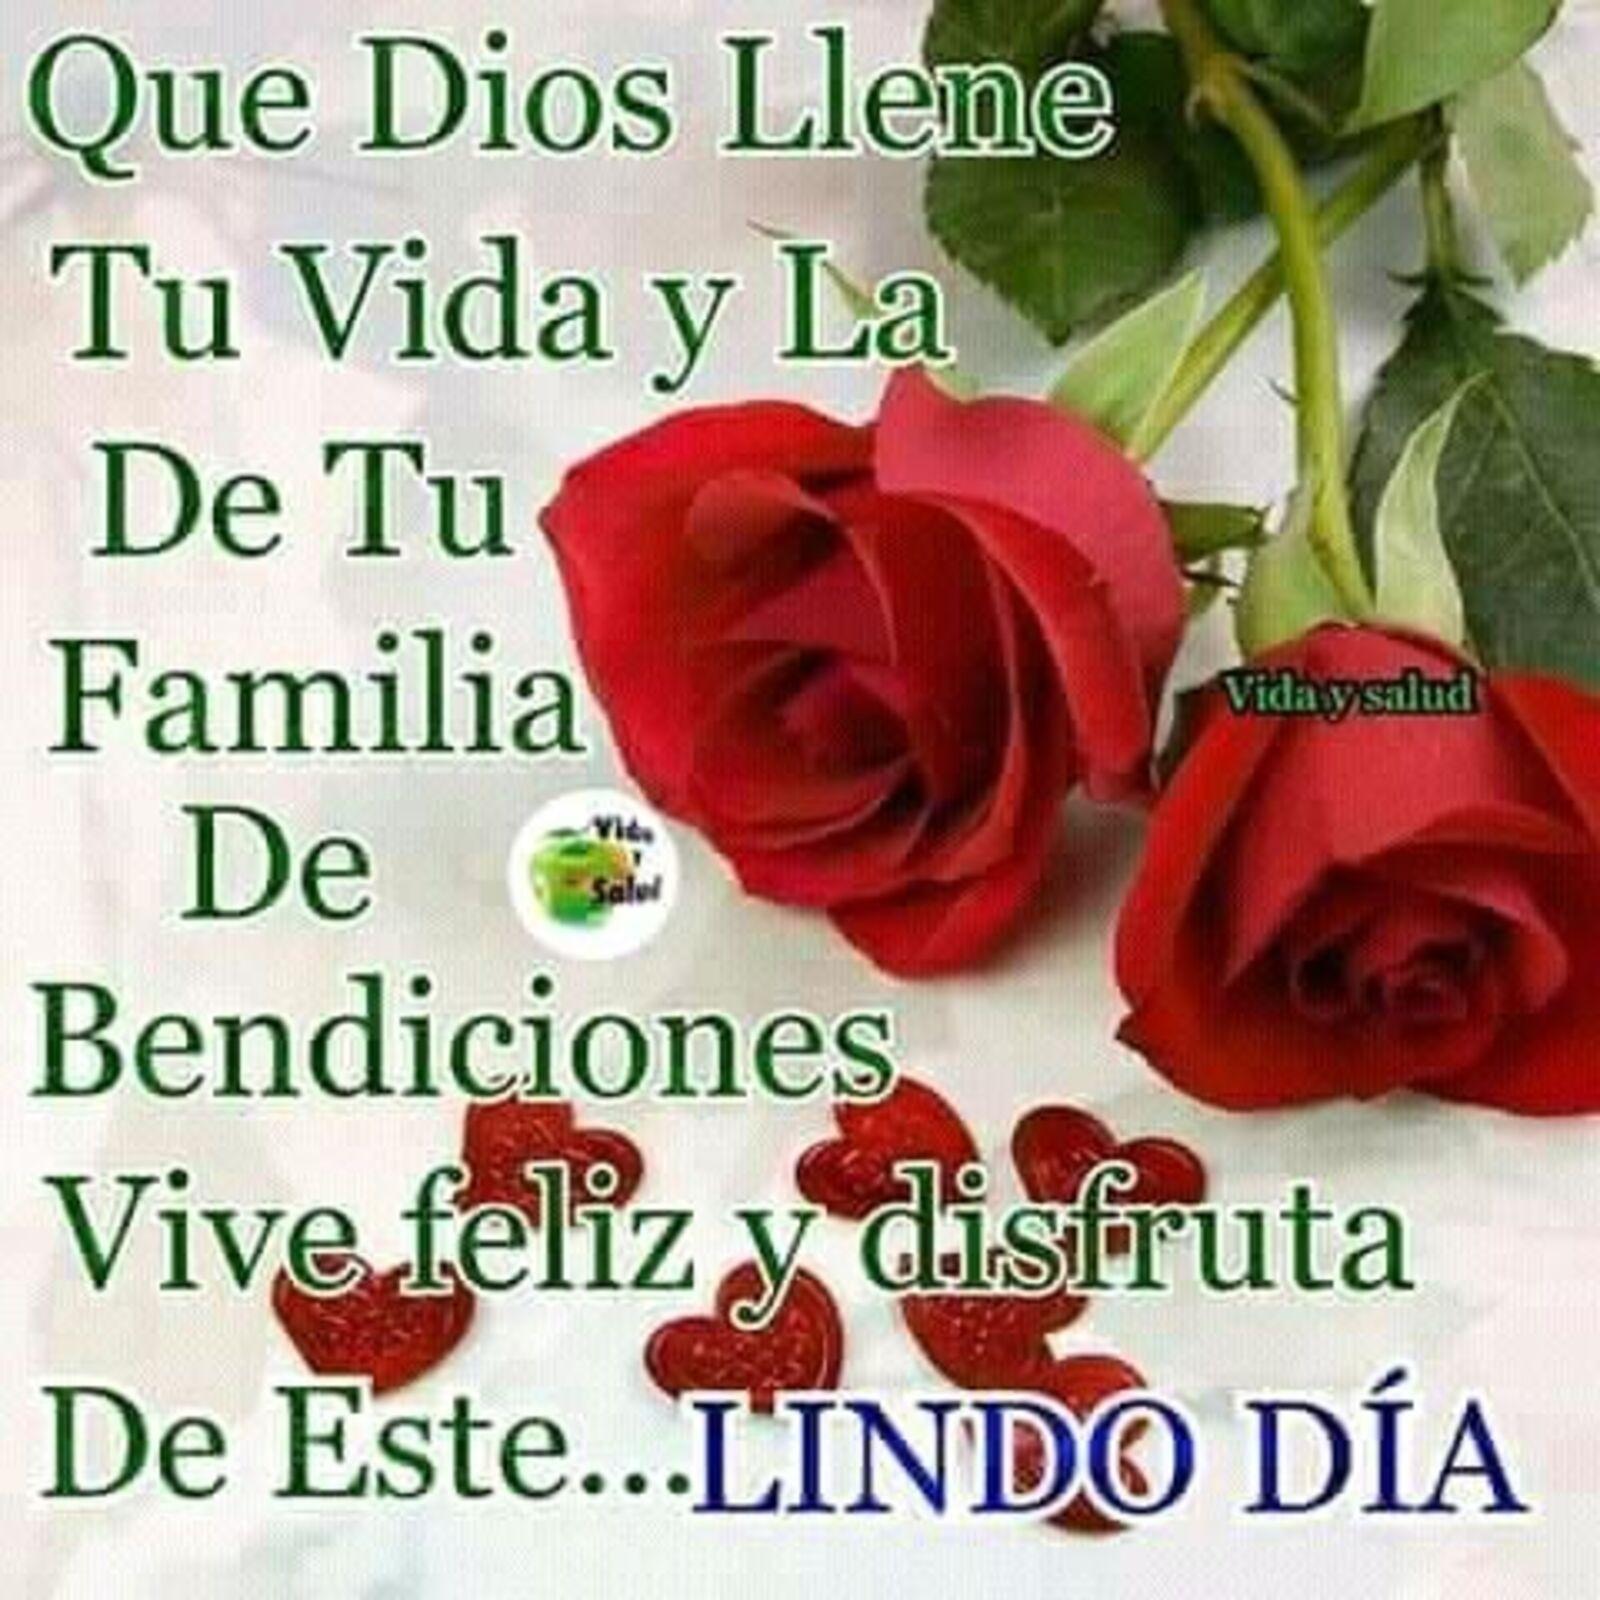 Que Dios llene tu vida y la de tu familia de bendiciones vive feliz y disfruta de este lindo día